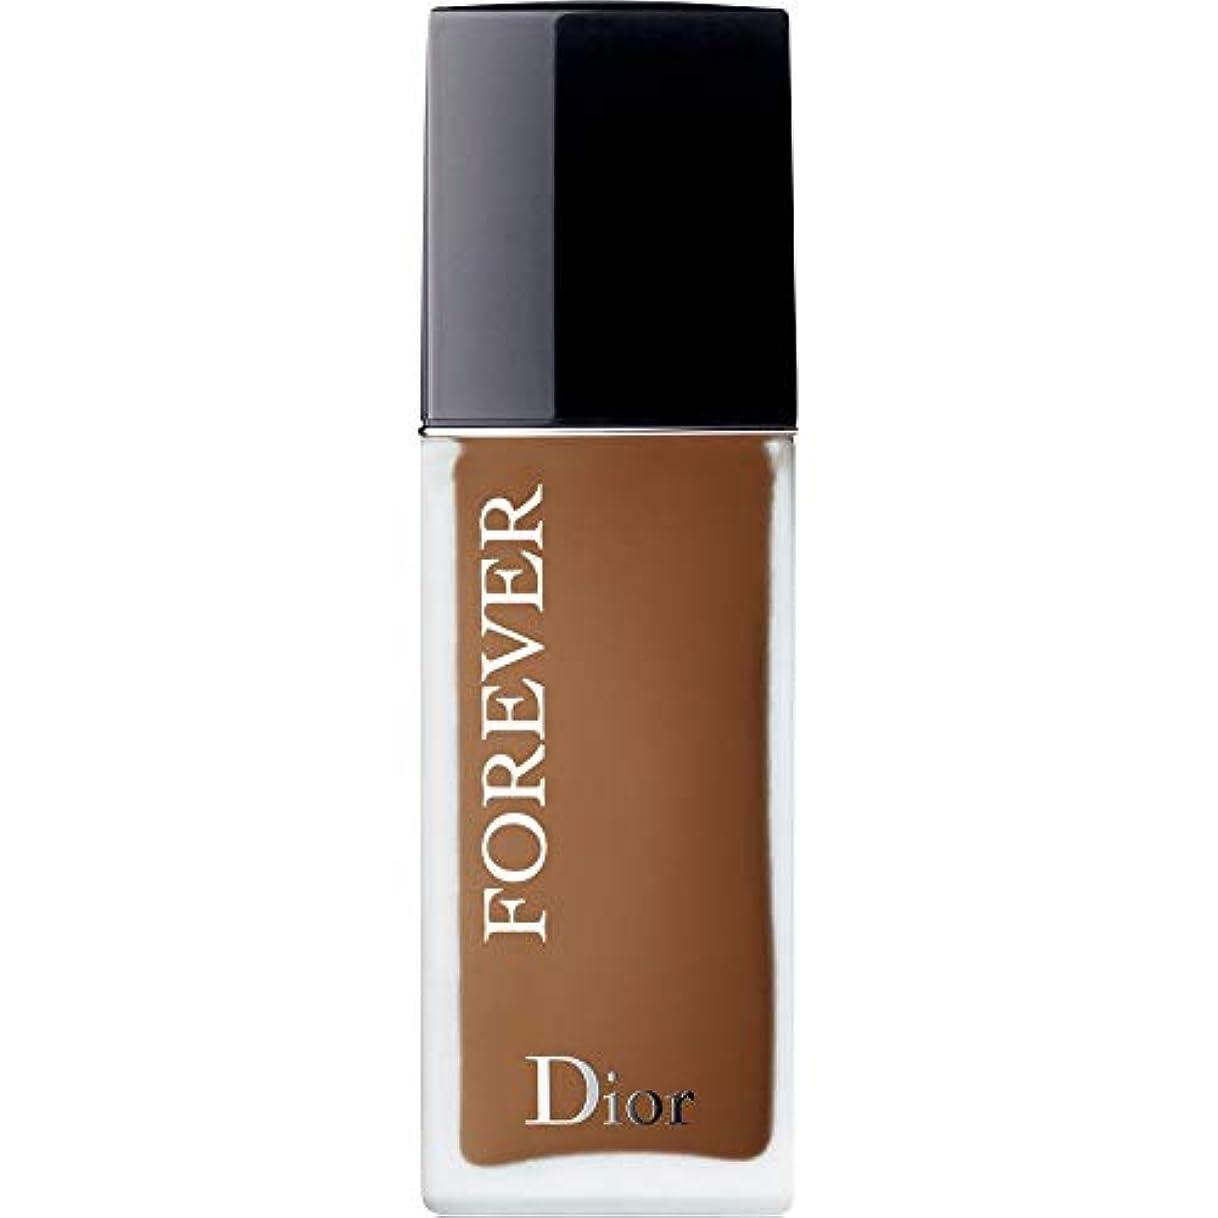 コードレスどれかアヒル[Dior ] ディオール永遠皮膚思いやりの基盤Spf35 30ミリリットルの7N - ニュートラル(つや消し) - DIOR Forever Skin-Caring Foundation SPF35 30ml 7N -...